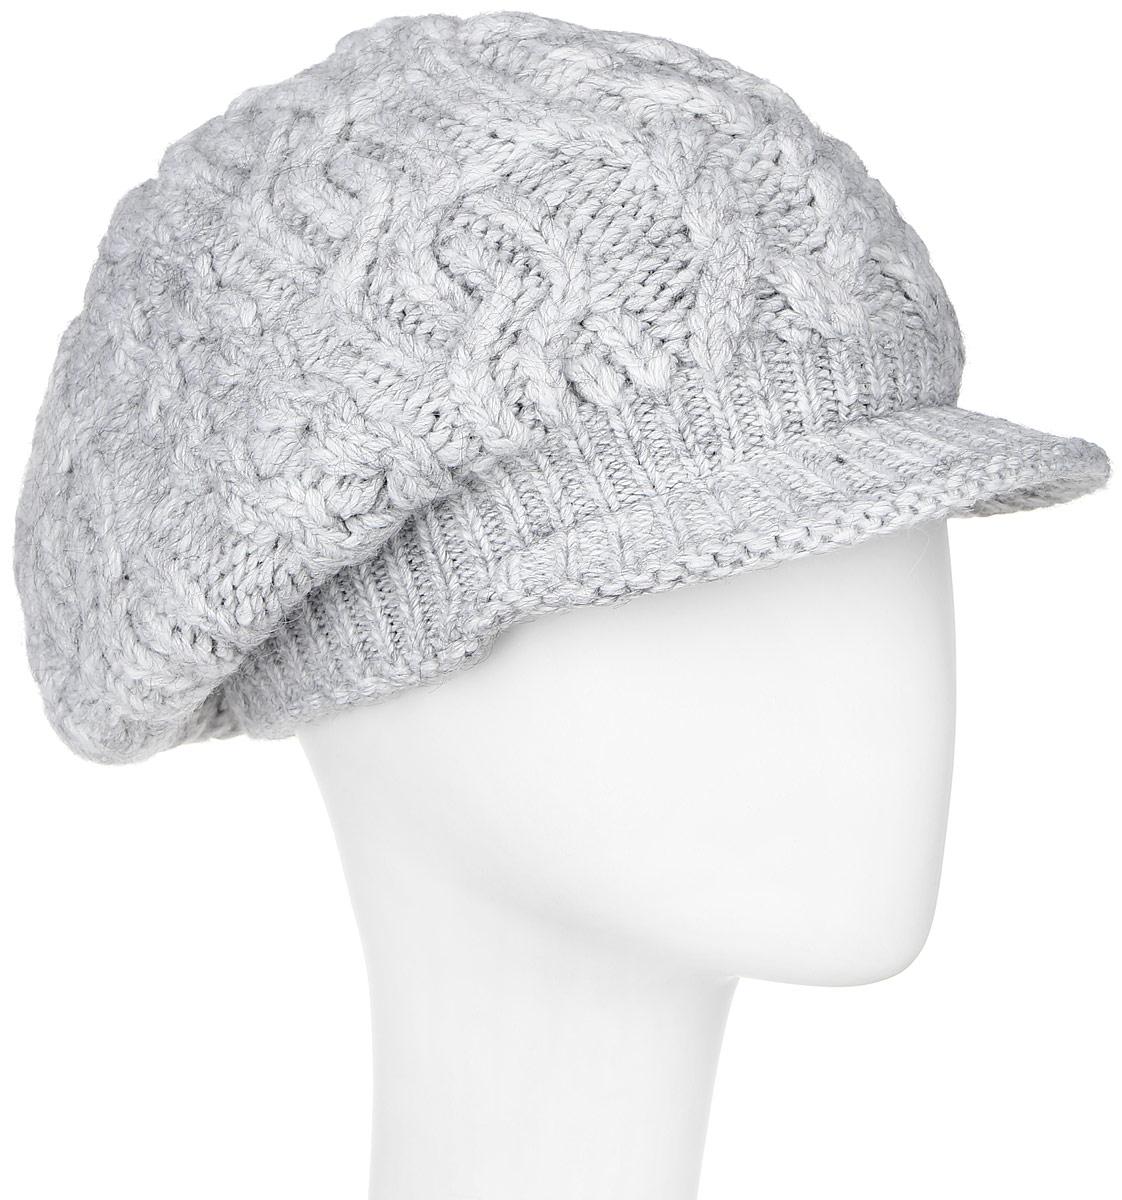 Шапка261923V-22Женская шапка Vittorio Richi выполнена из сочетания шерсти и акрила. Оформлена модель объемной вязкой и дополнена козырьком. Уважаемые клиенты! Размер, доступный для заказа, является обхватом головы.